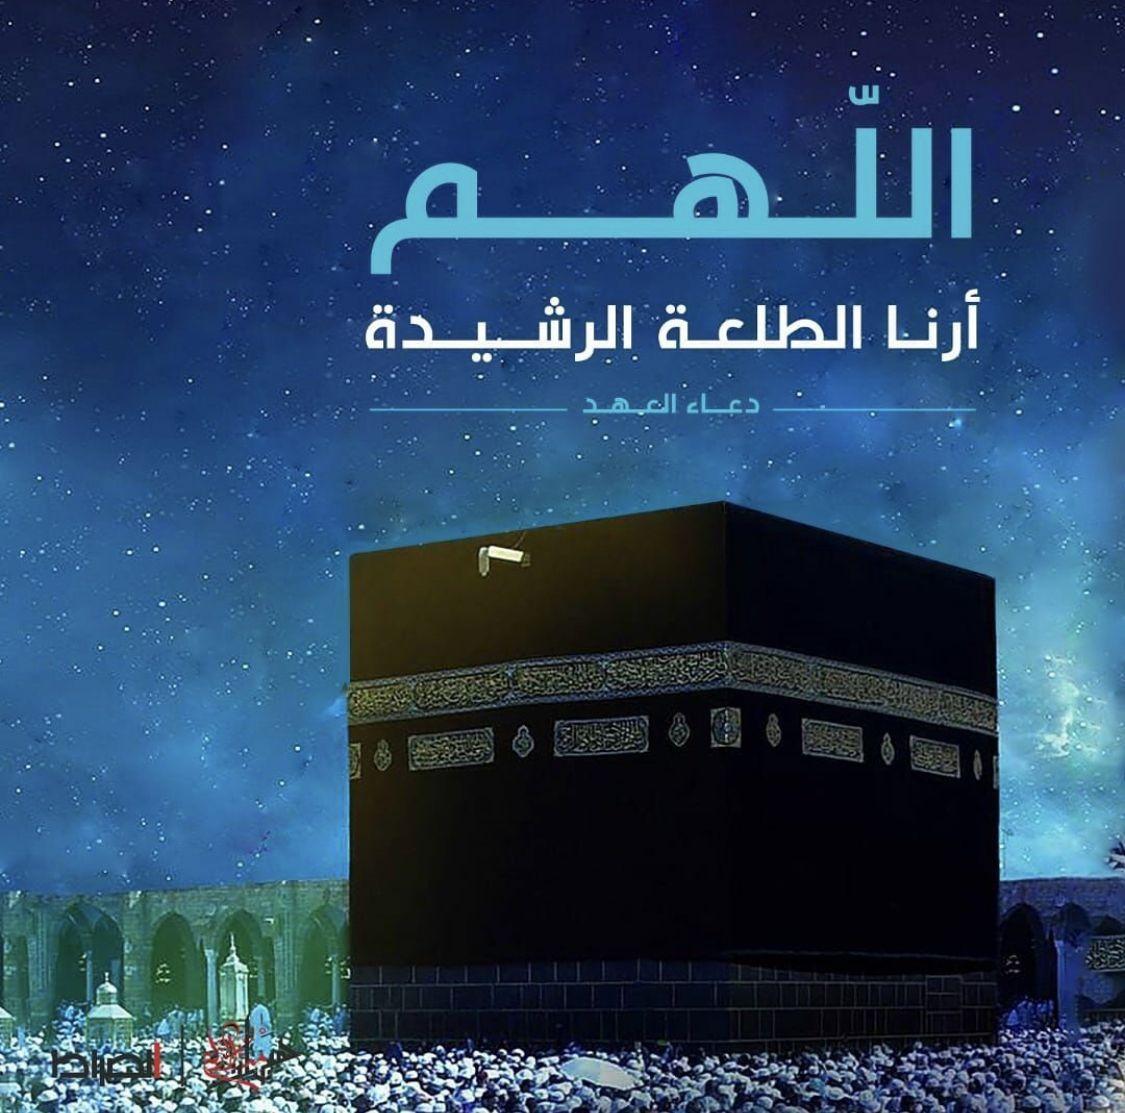 دعاء العهد اللهم أرنا الطلعة الرشيدة Poster Movie Posters Words